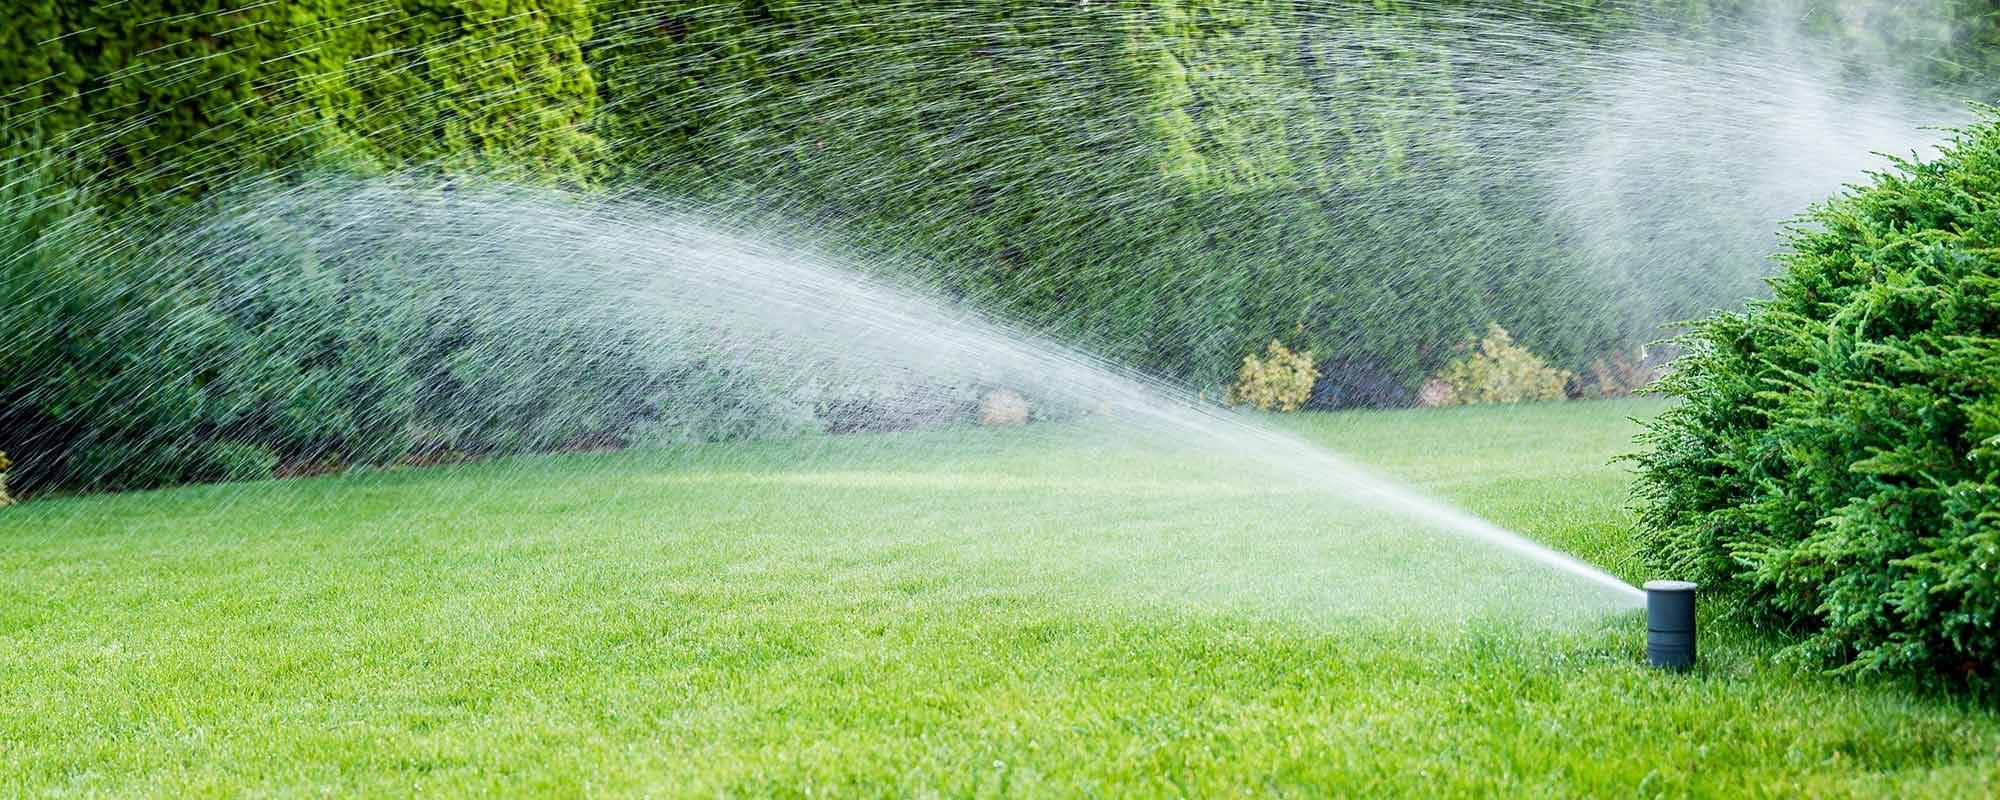 tci-irrigation